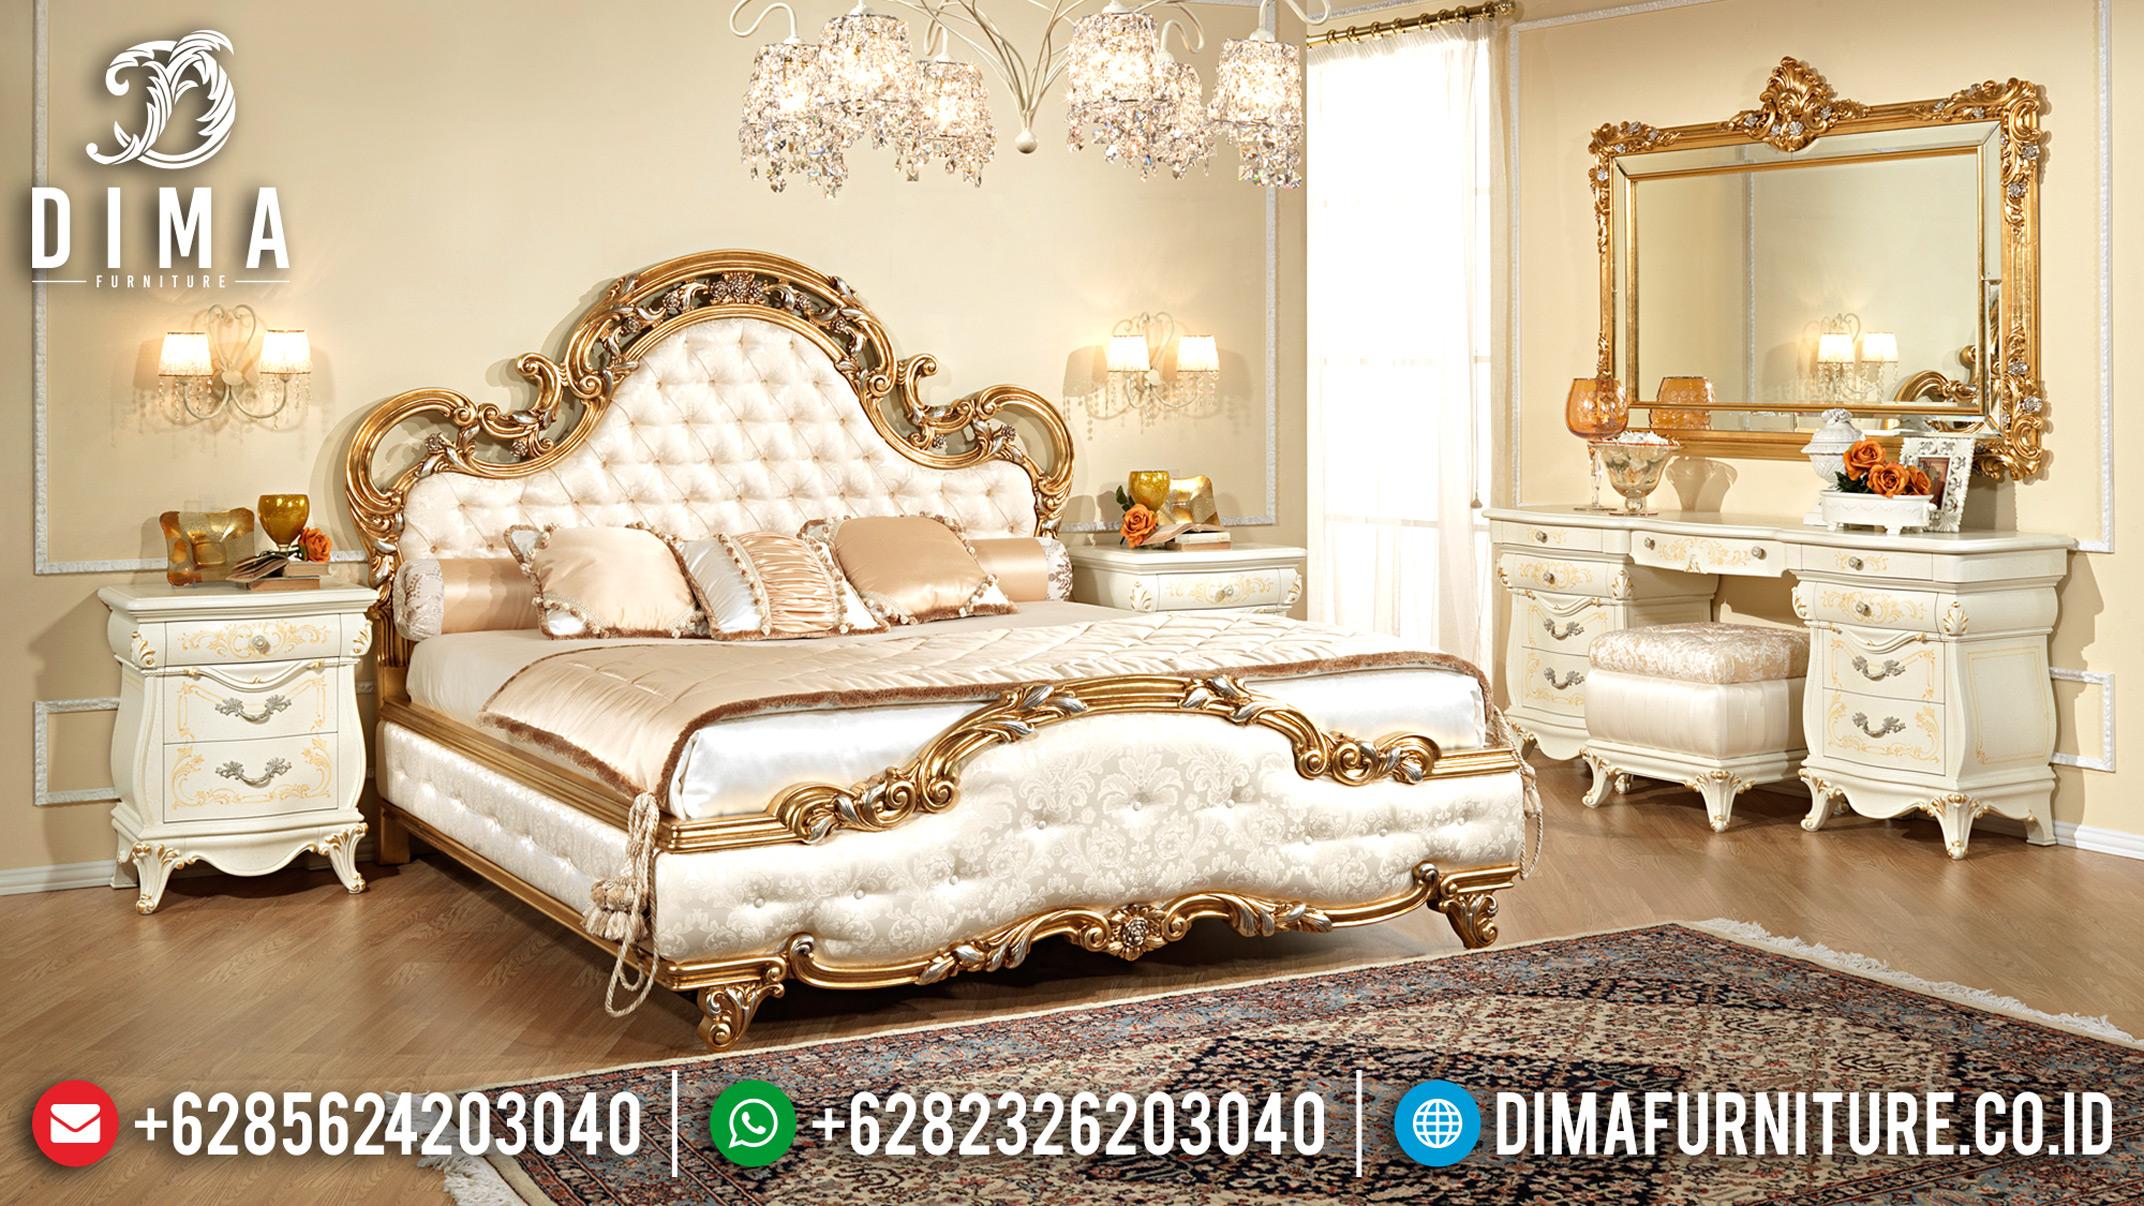 20+ Tempat Tidur Jepara Mewah Dan Minimalis Pilihan Tahun 2019 029 Dima Furniture Jepara